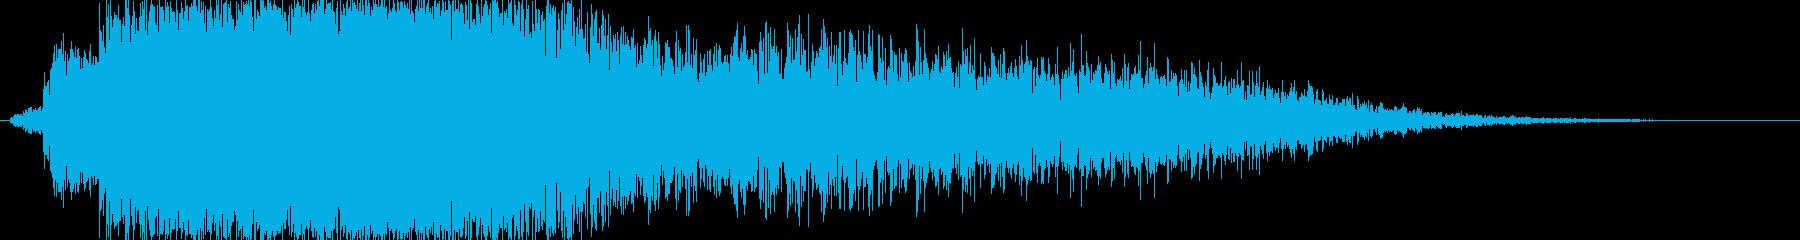 シャキーン!(風属性や特殊魔法など)05の再生済みの波形